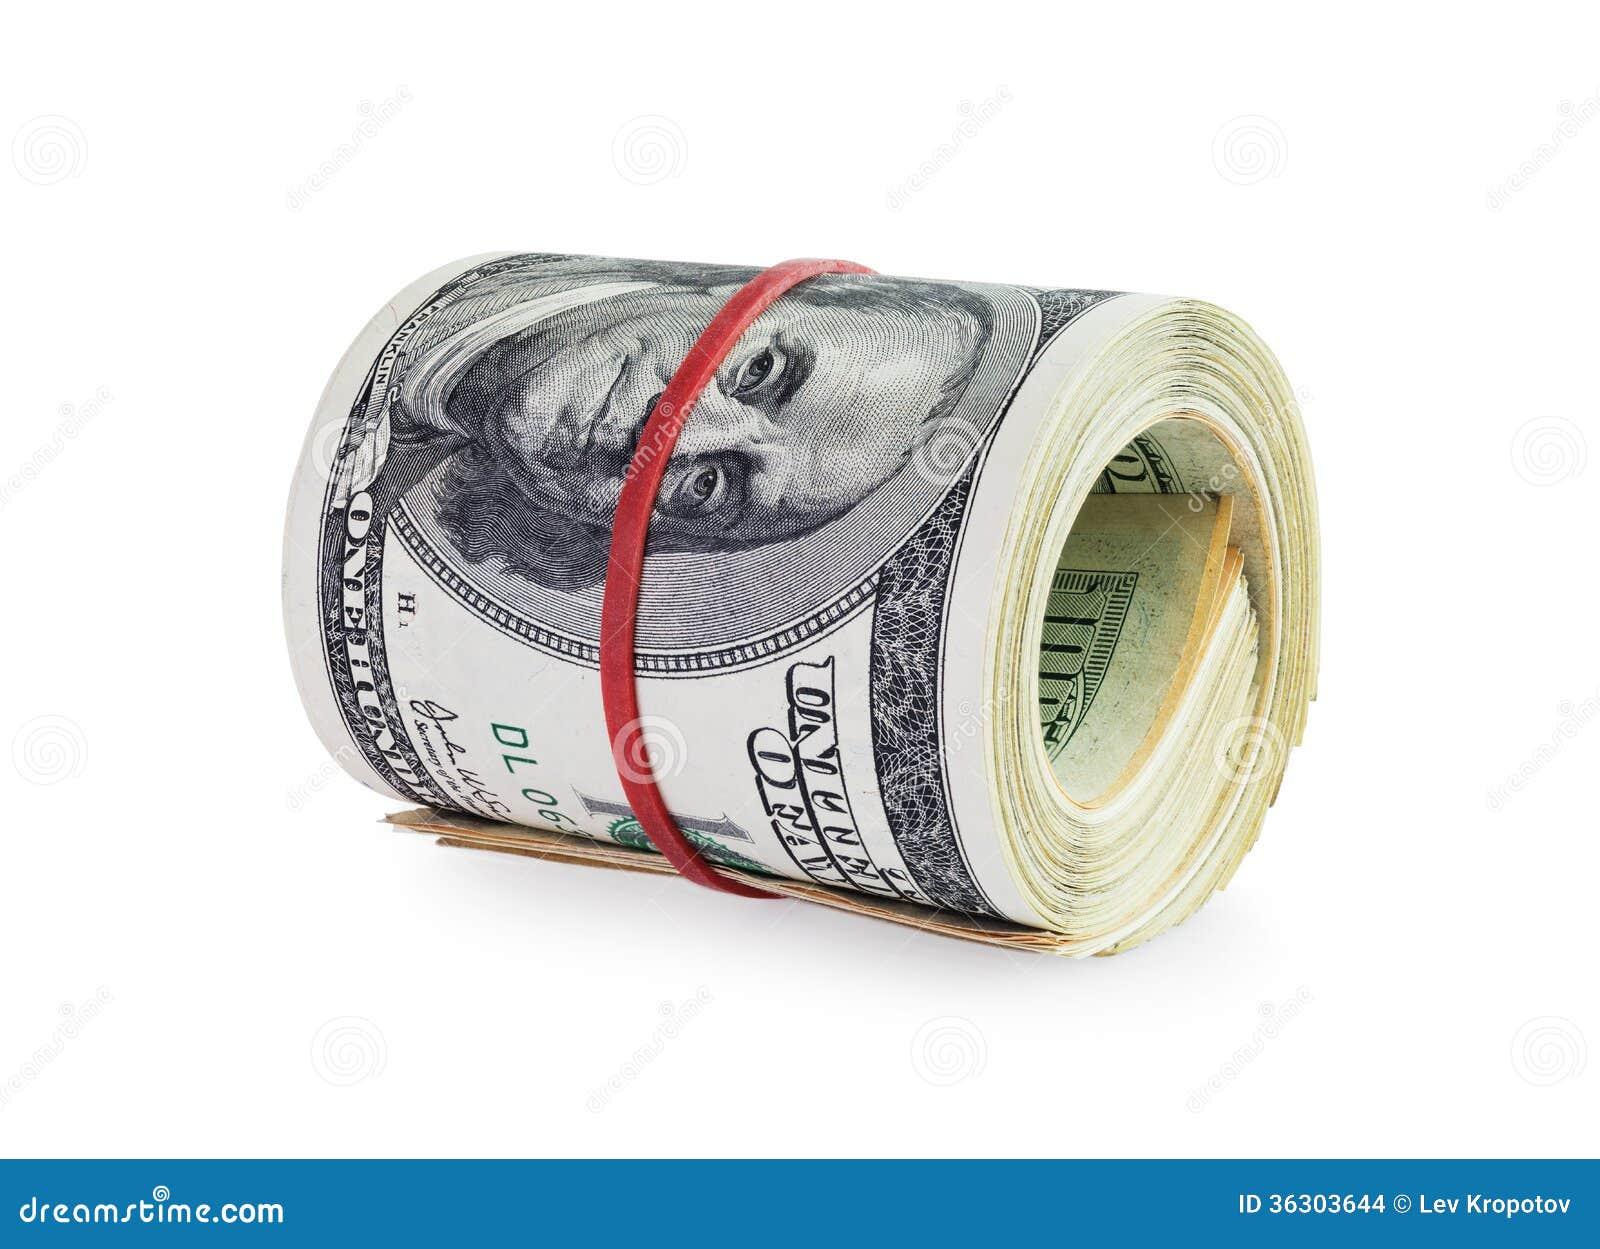 Money in roll